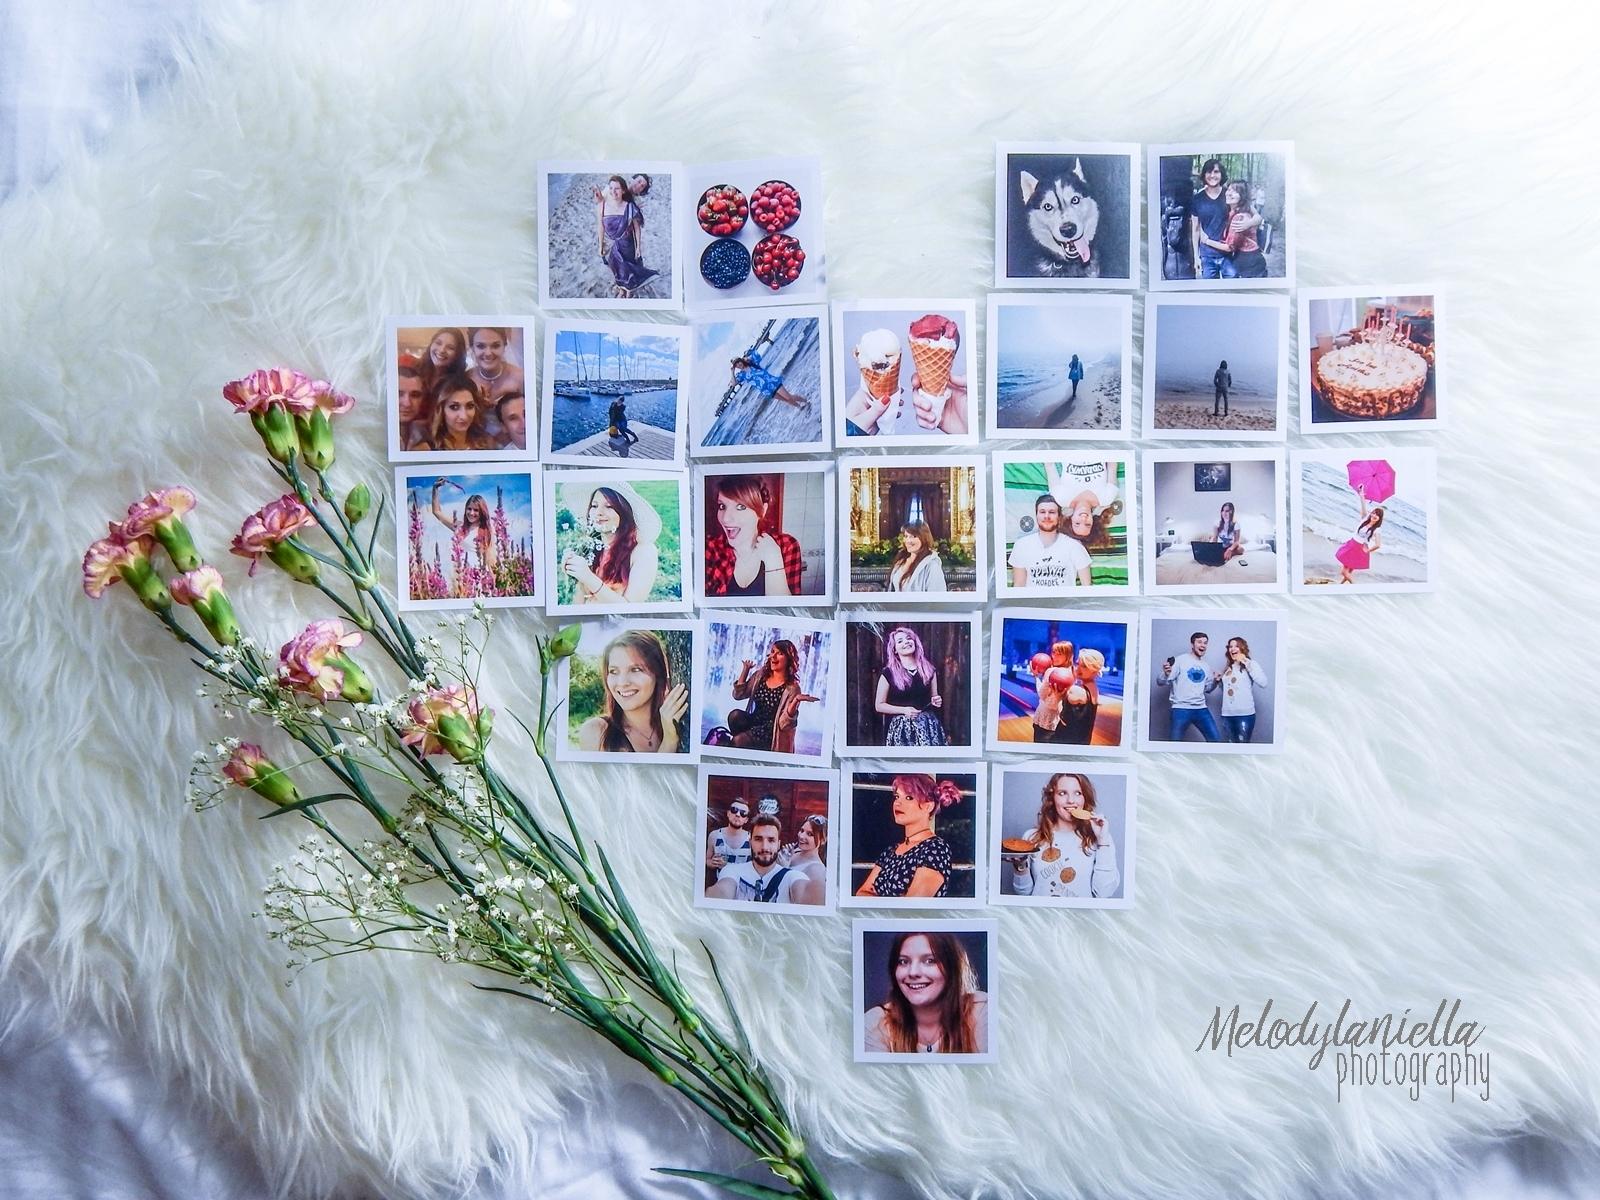 socialdruk kwadraty wywolywanie zdjec z instagrama polaroid wywolywanie fotografia pomysl na prezent nietypowe kwadratowe zdjecia w bialych ramkach duze kwadraty male kwadraty